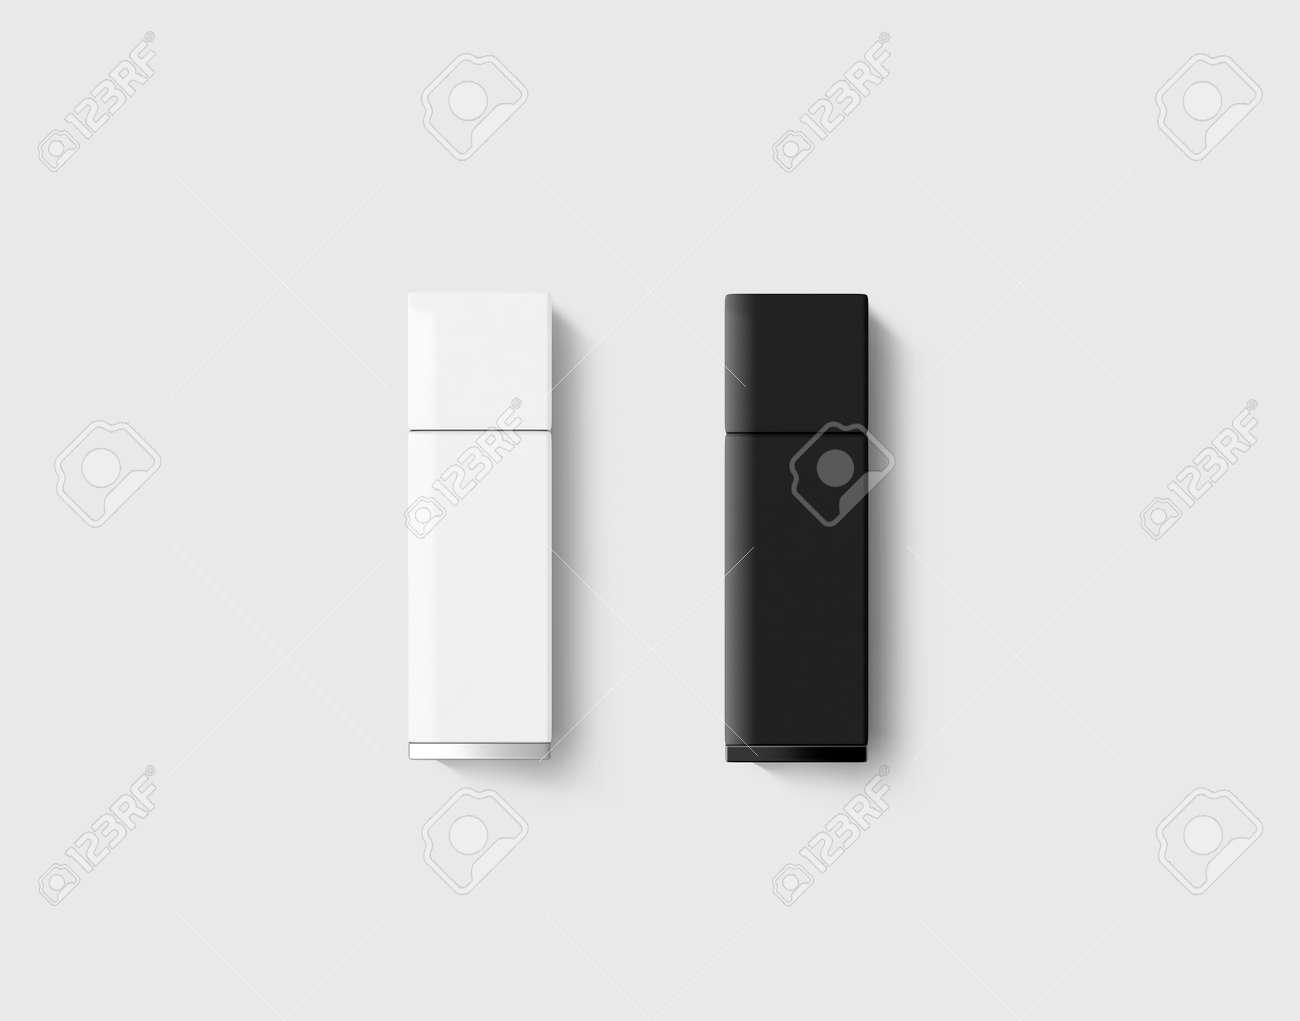 Klare Kunststoff-Flash-Disk-Vorlage Kappe Geschlossen. Plain ...